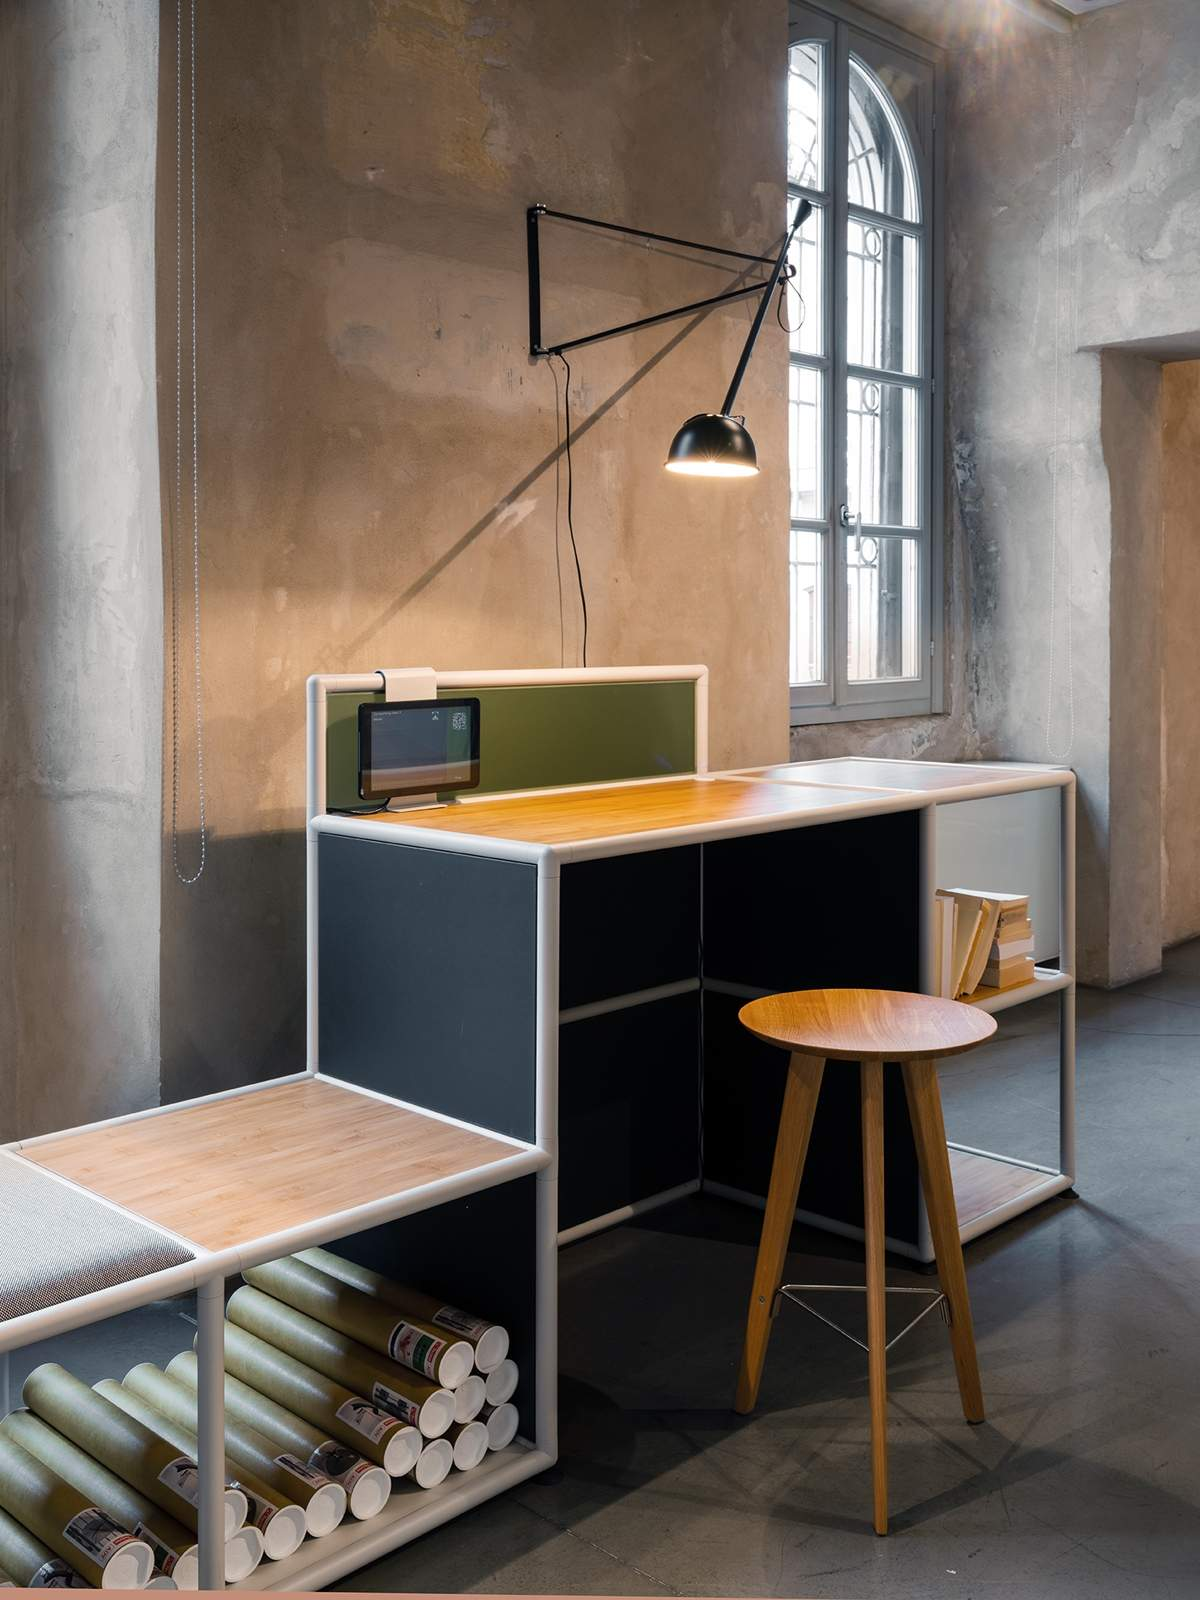 <strong>Linea</strong>, design Zanon Architetti Associati e Centro Progetti Tecno (Caselli-Fuorisalone 2019)